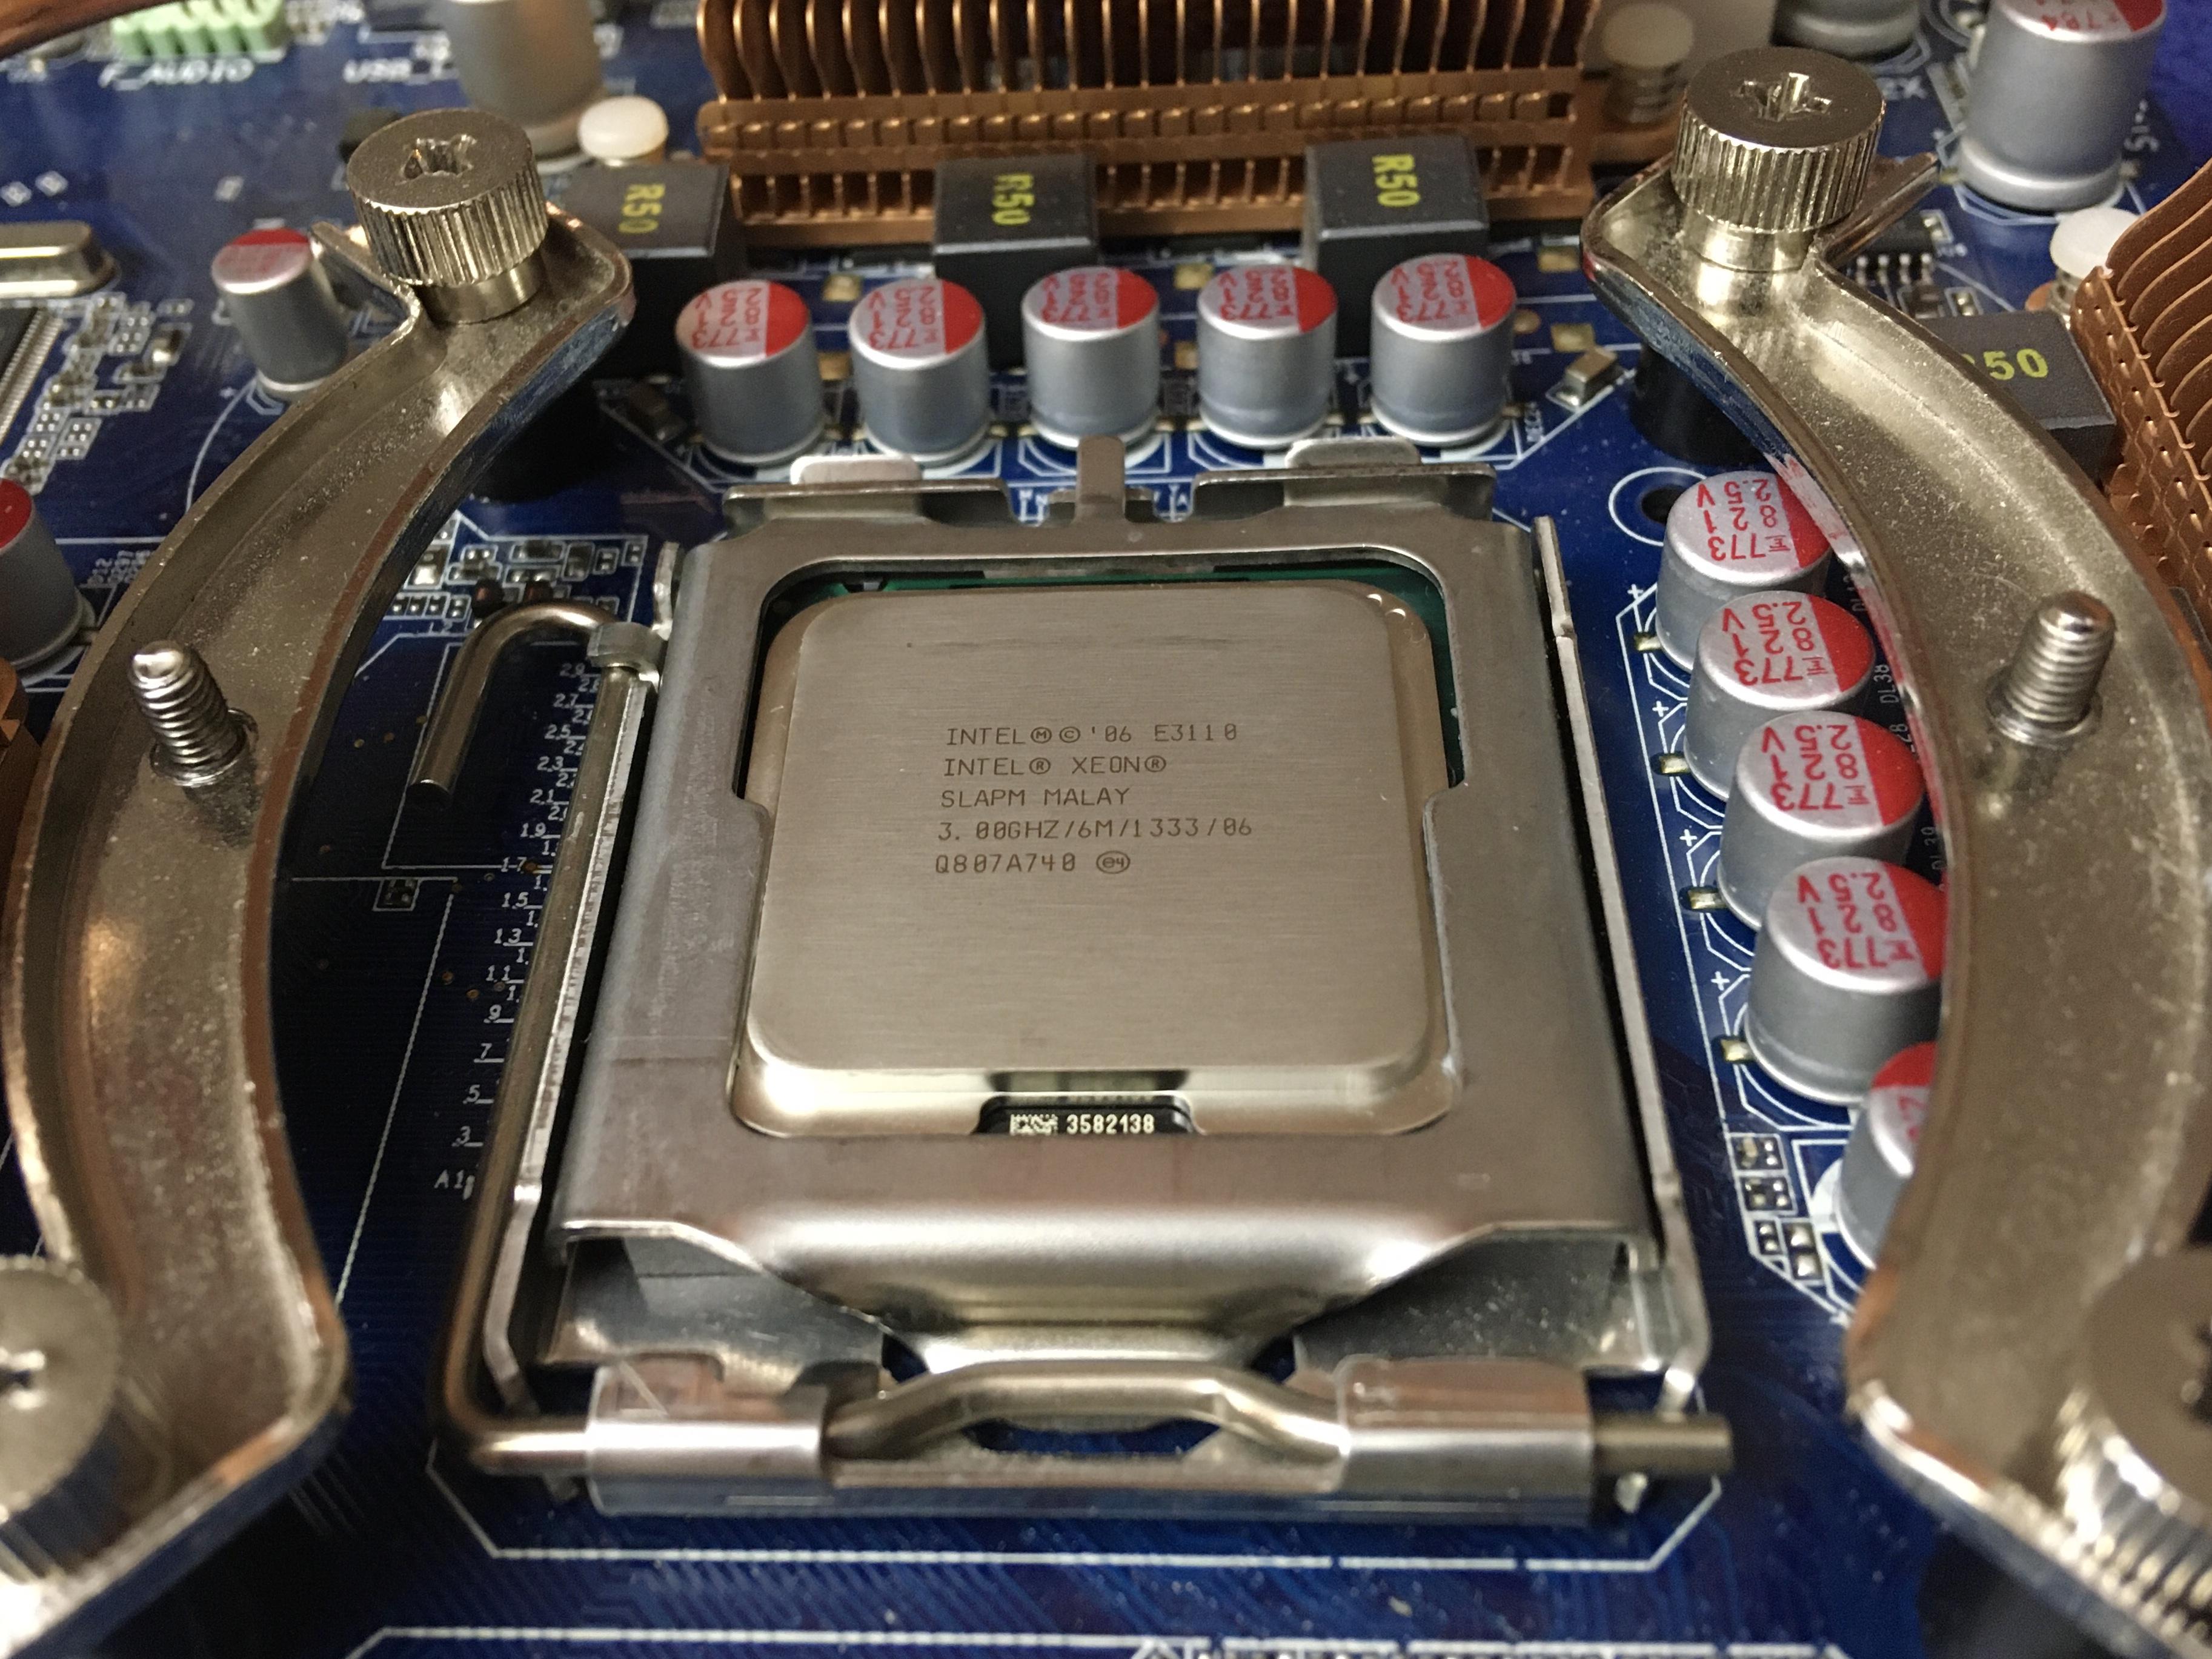 e3110-golden-sample.JPG